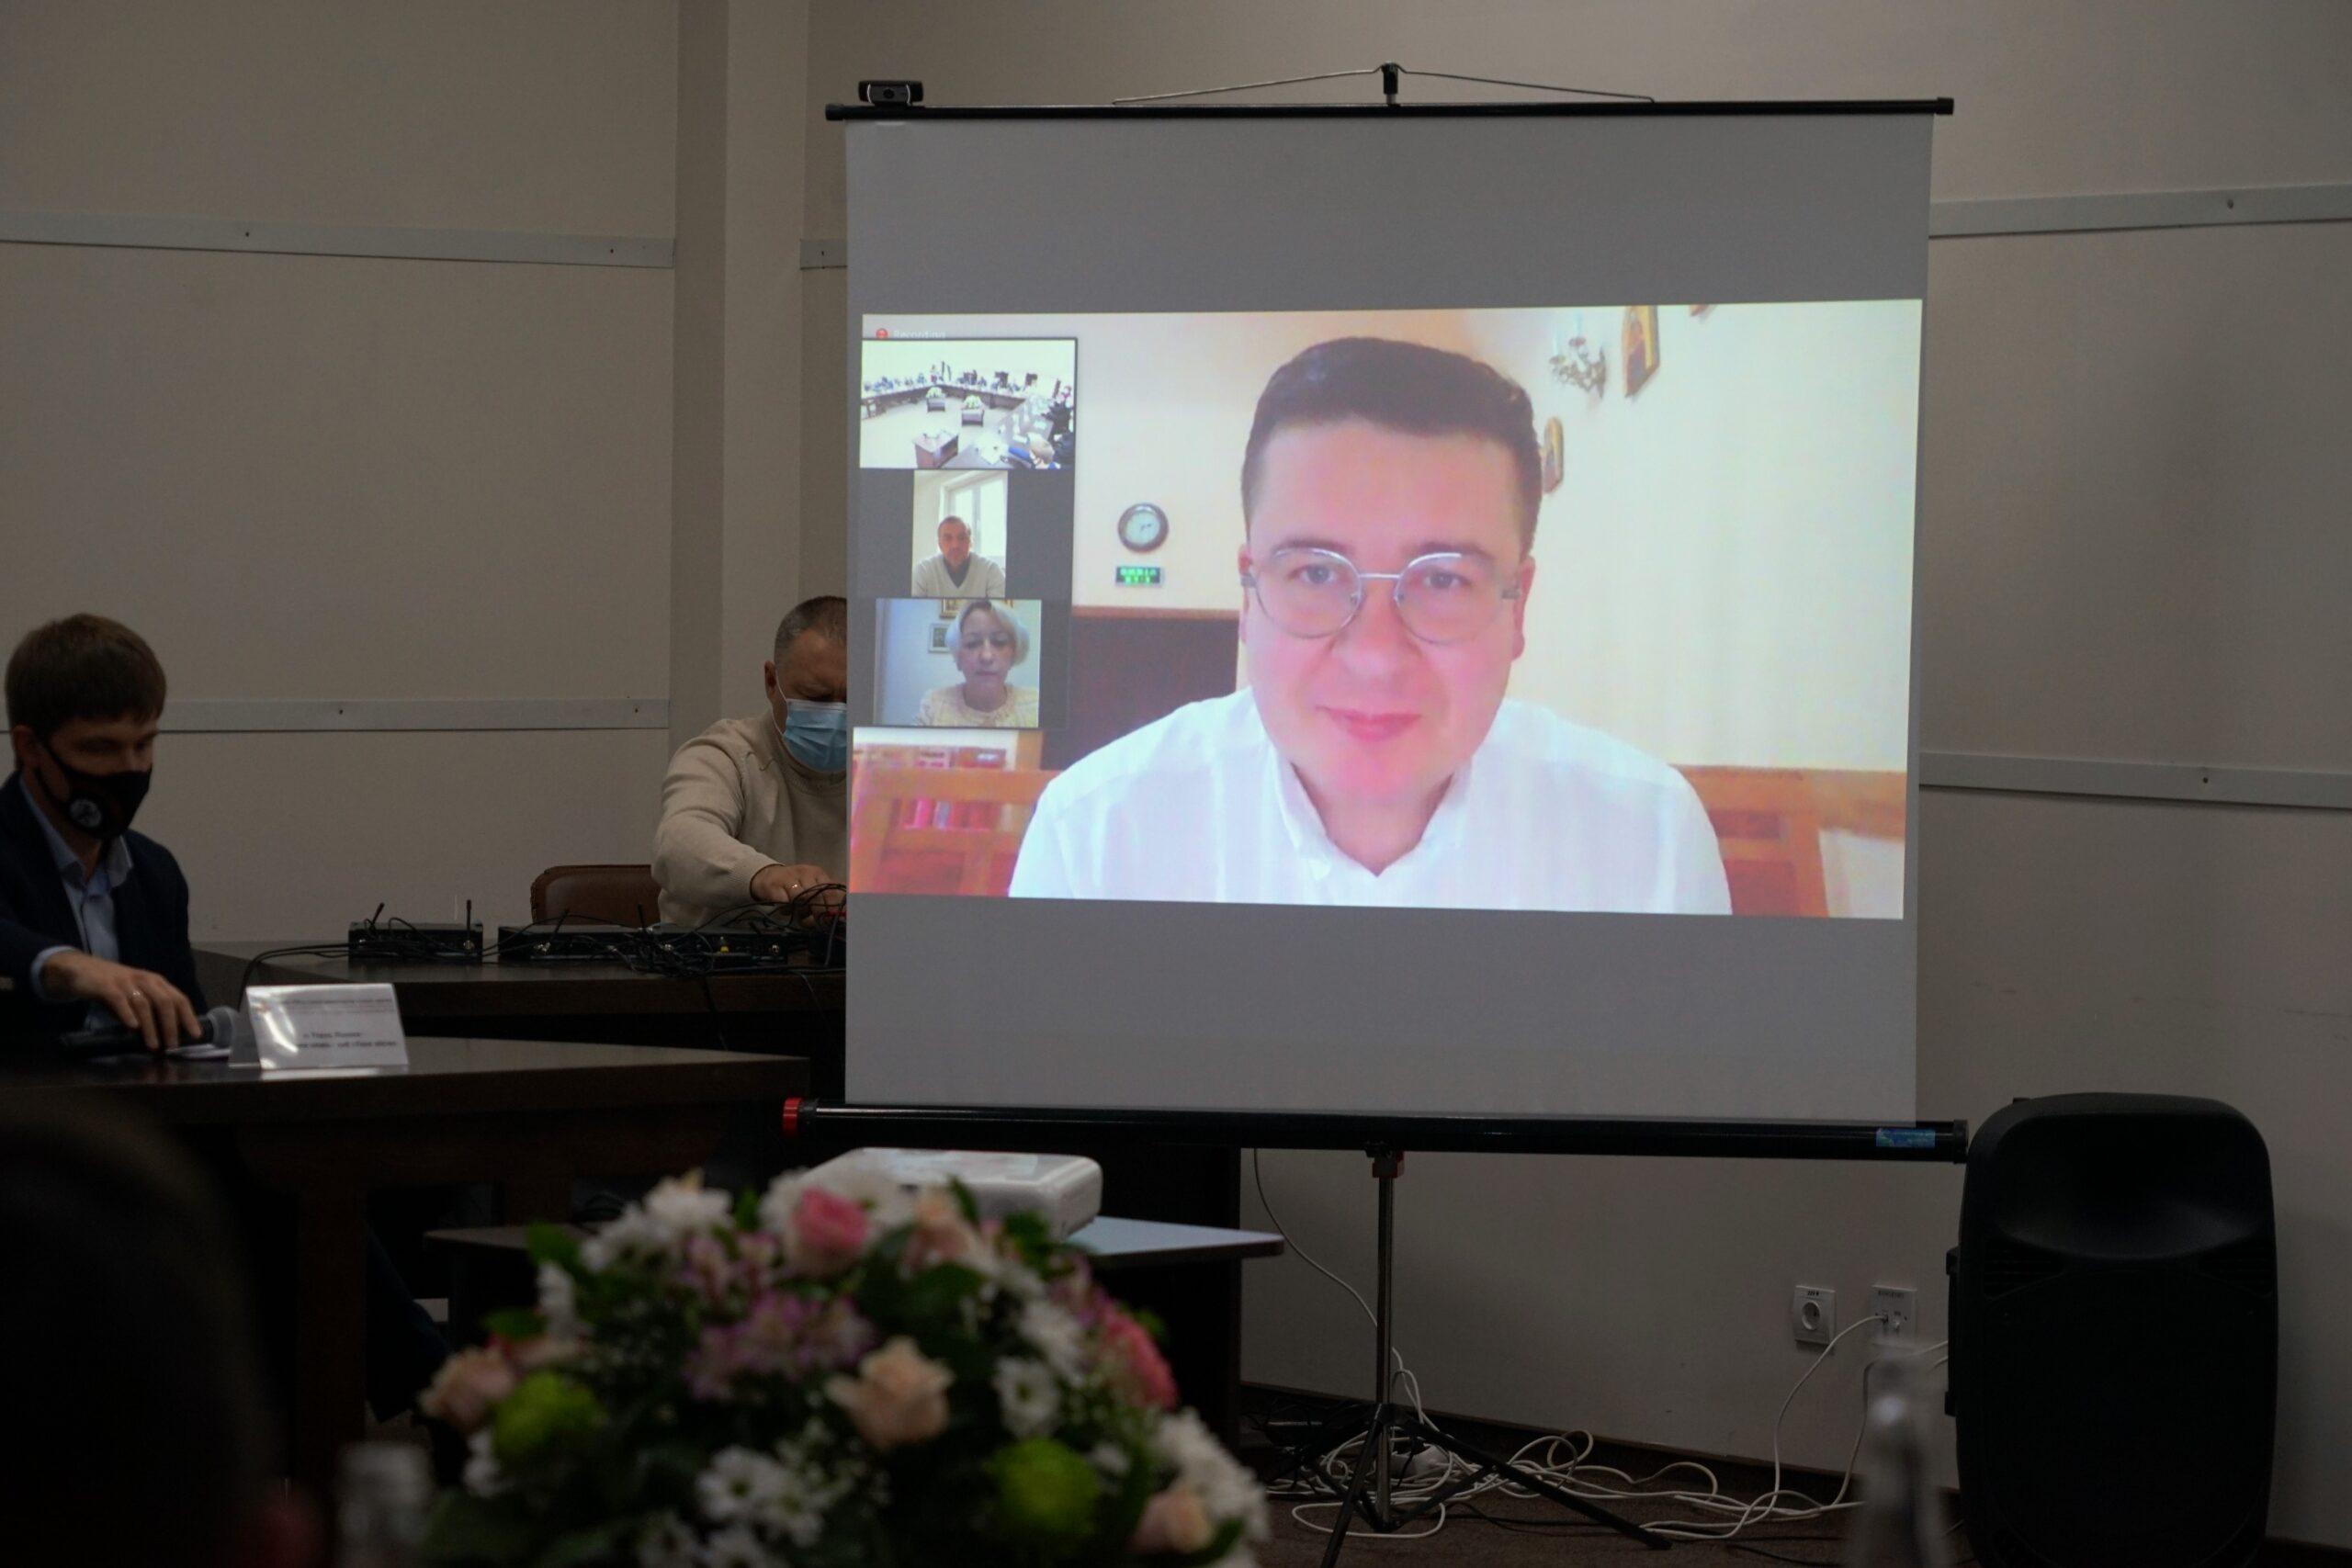 Перспективи розвитку медичного капеланства в Україні обговорили під час круглого столу у Львові_5